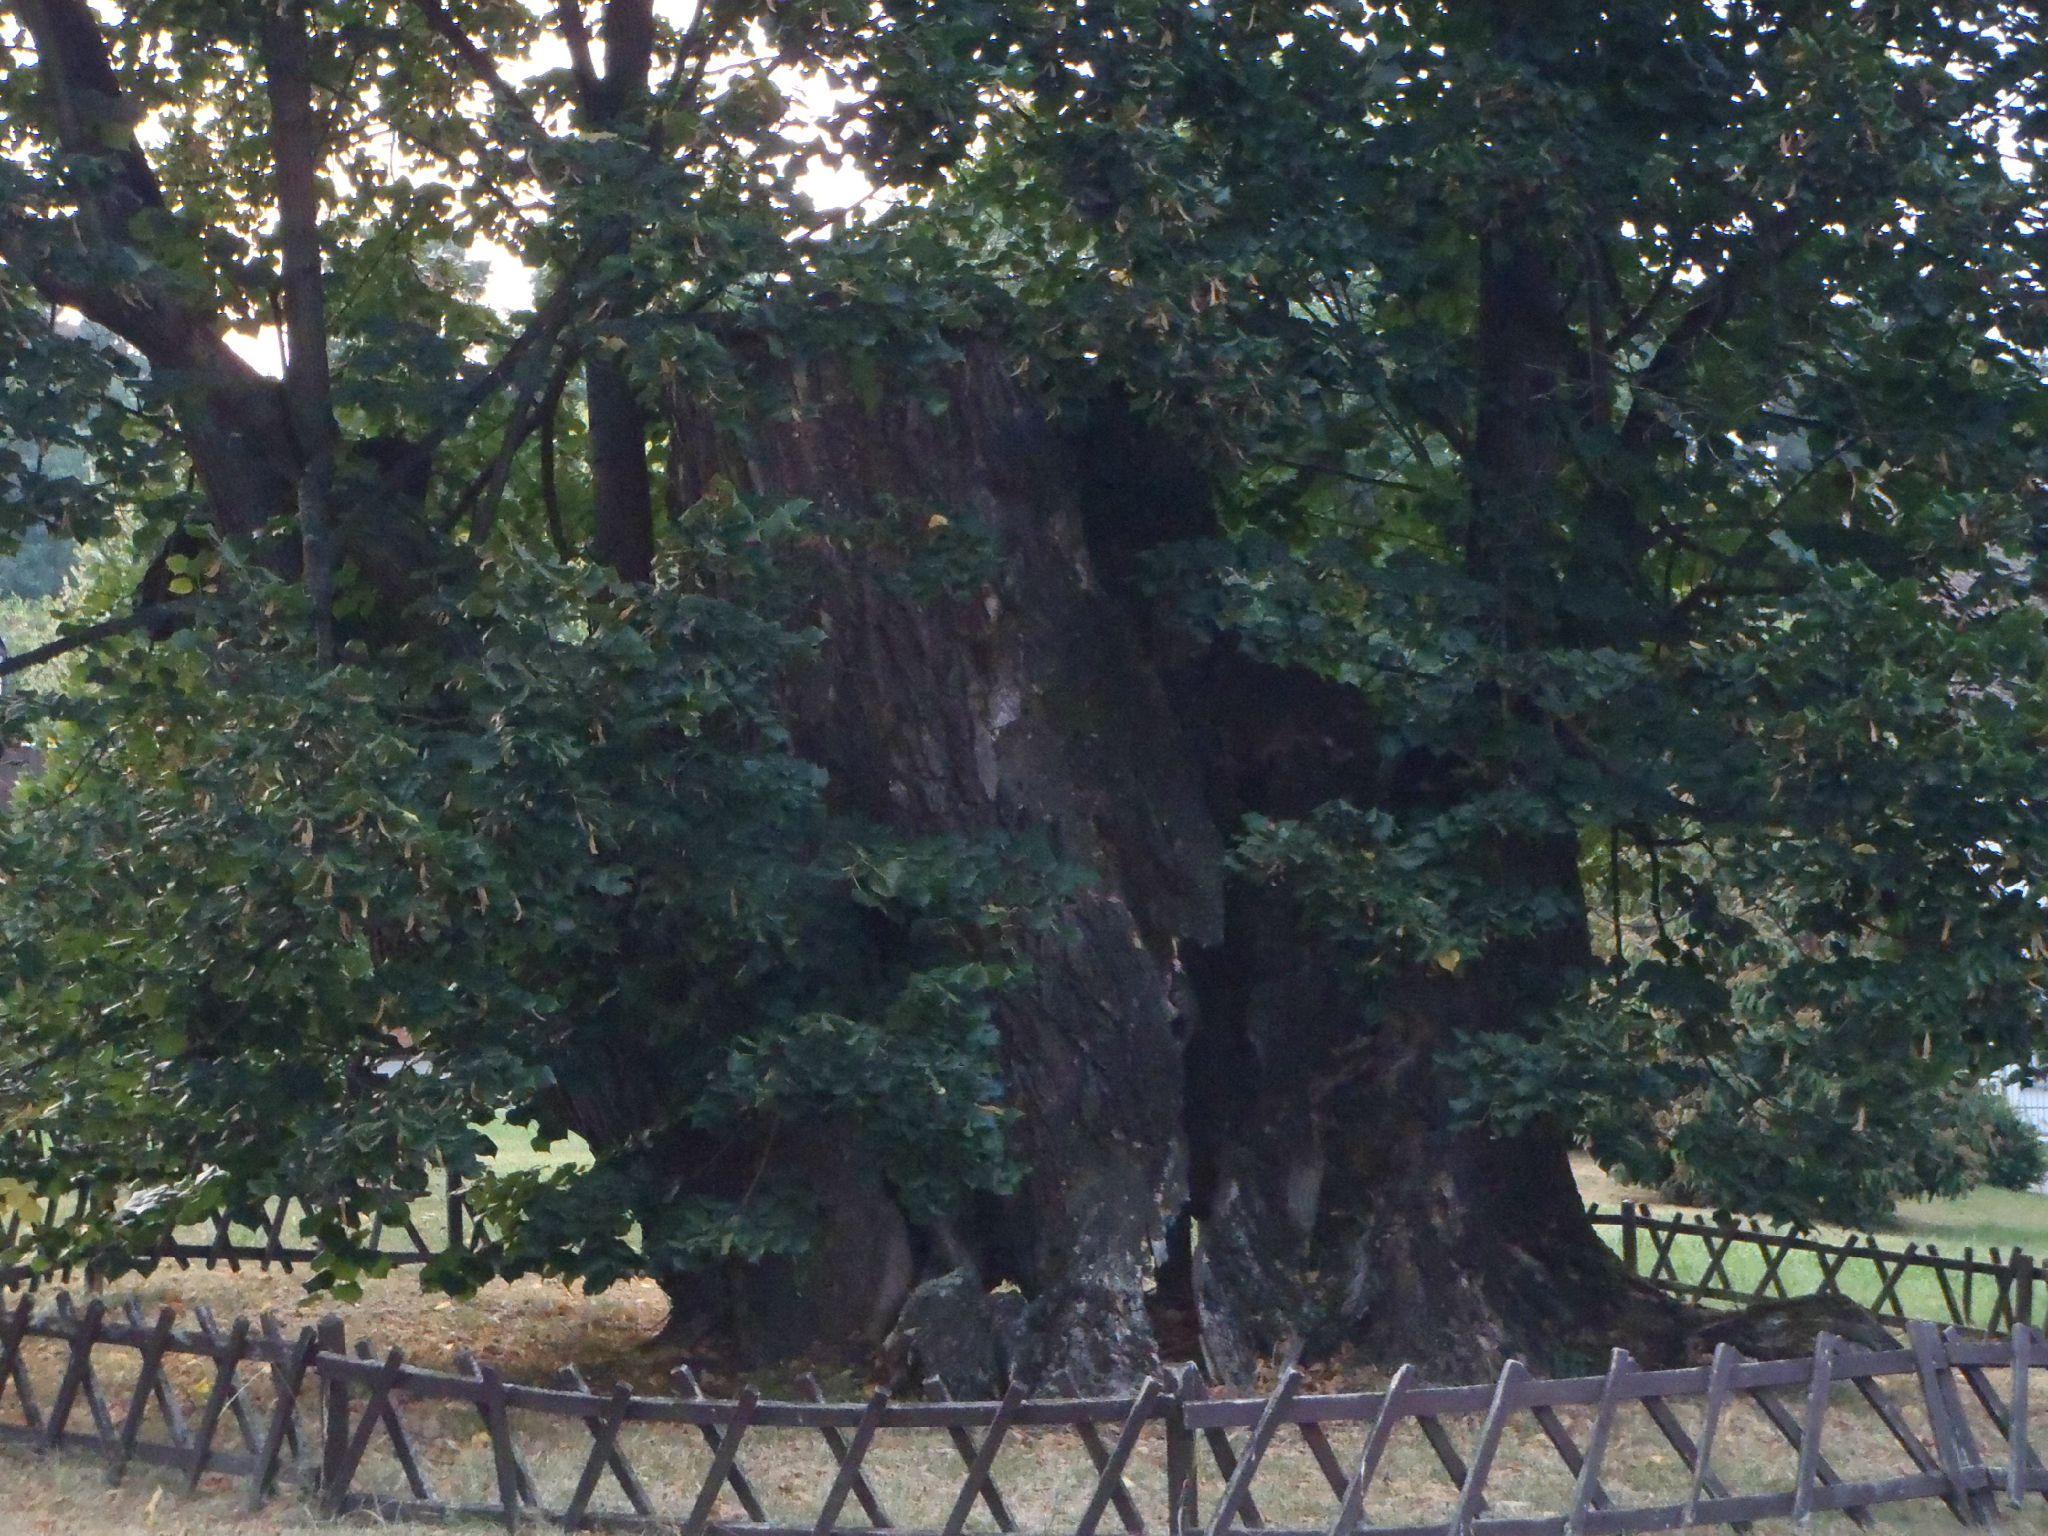 slovaquie - arbre dans le parc du chateau bonjnice